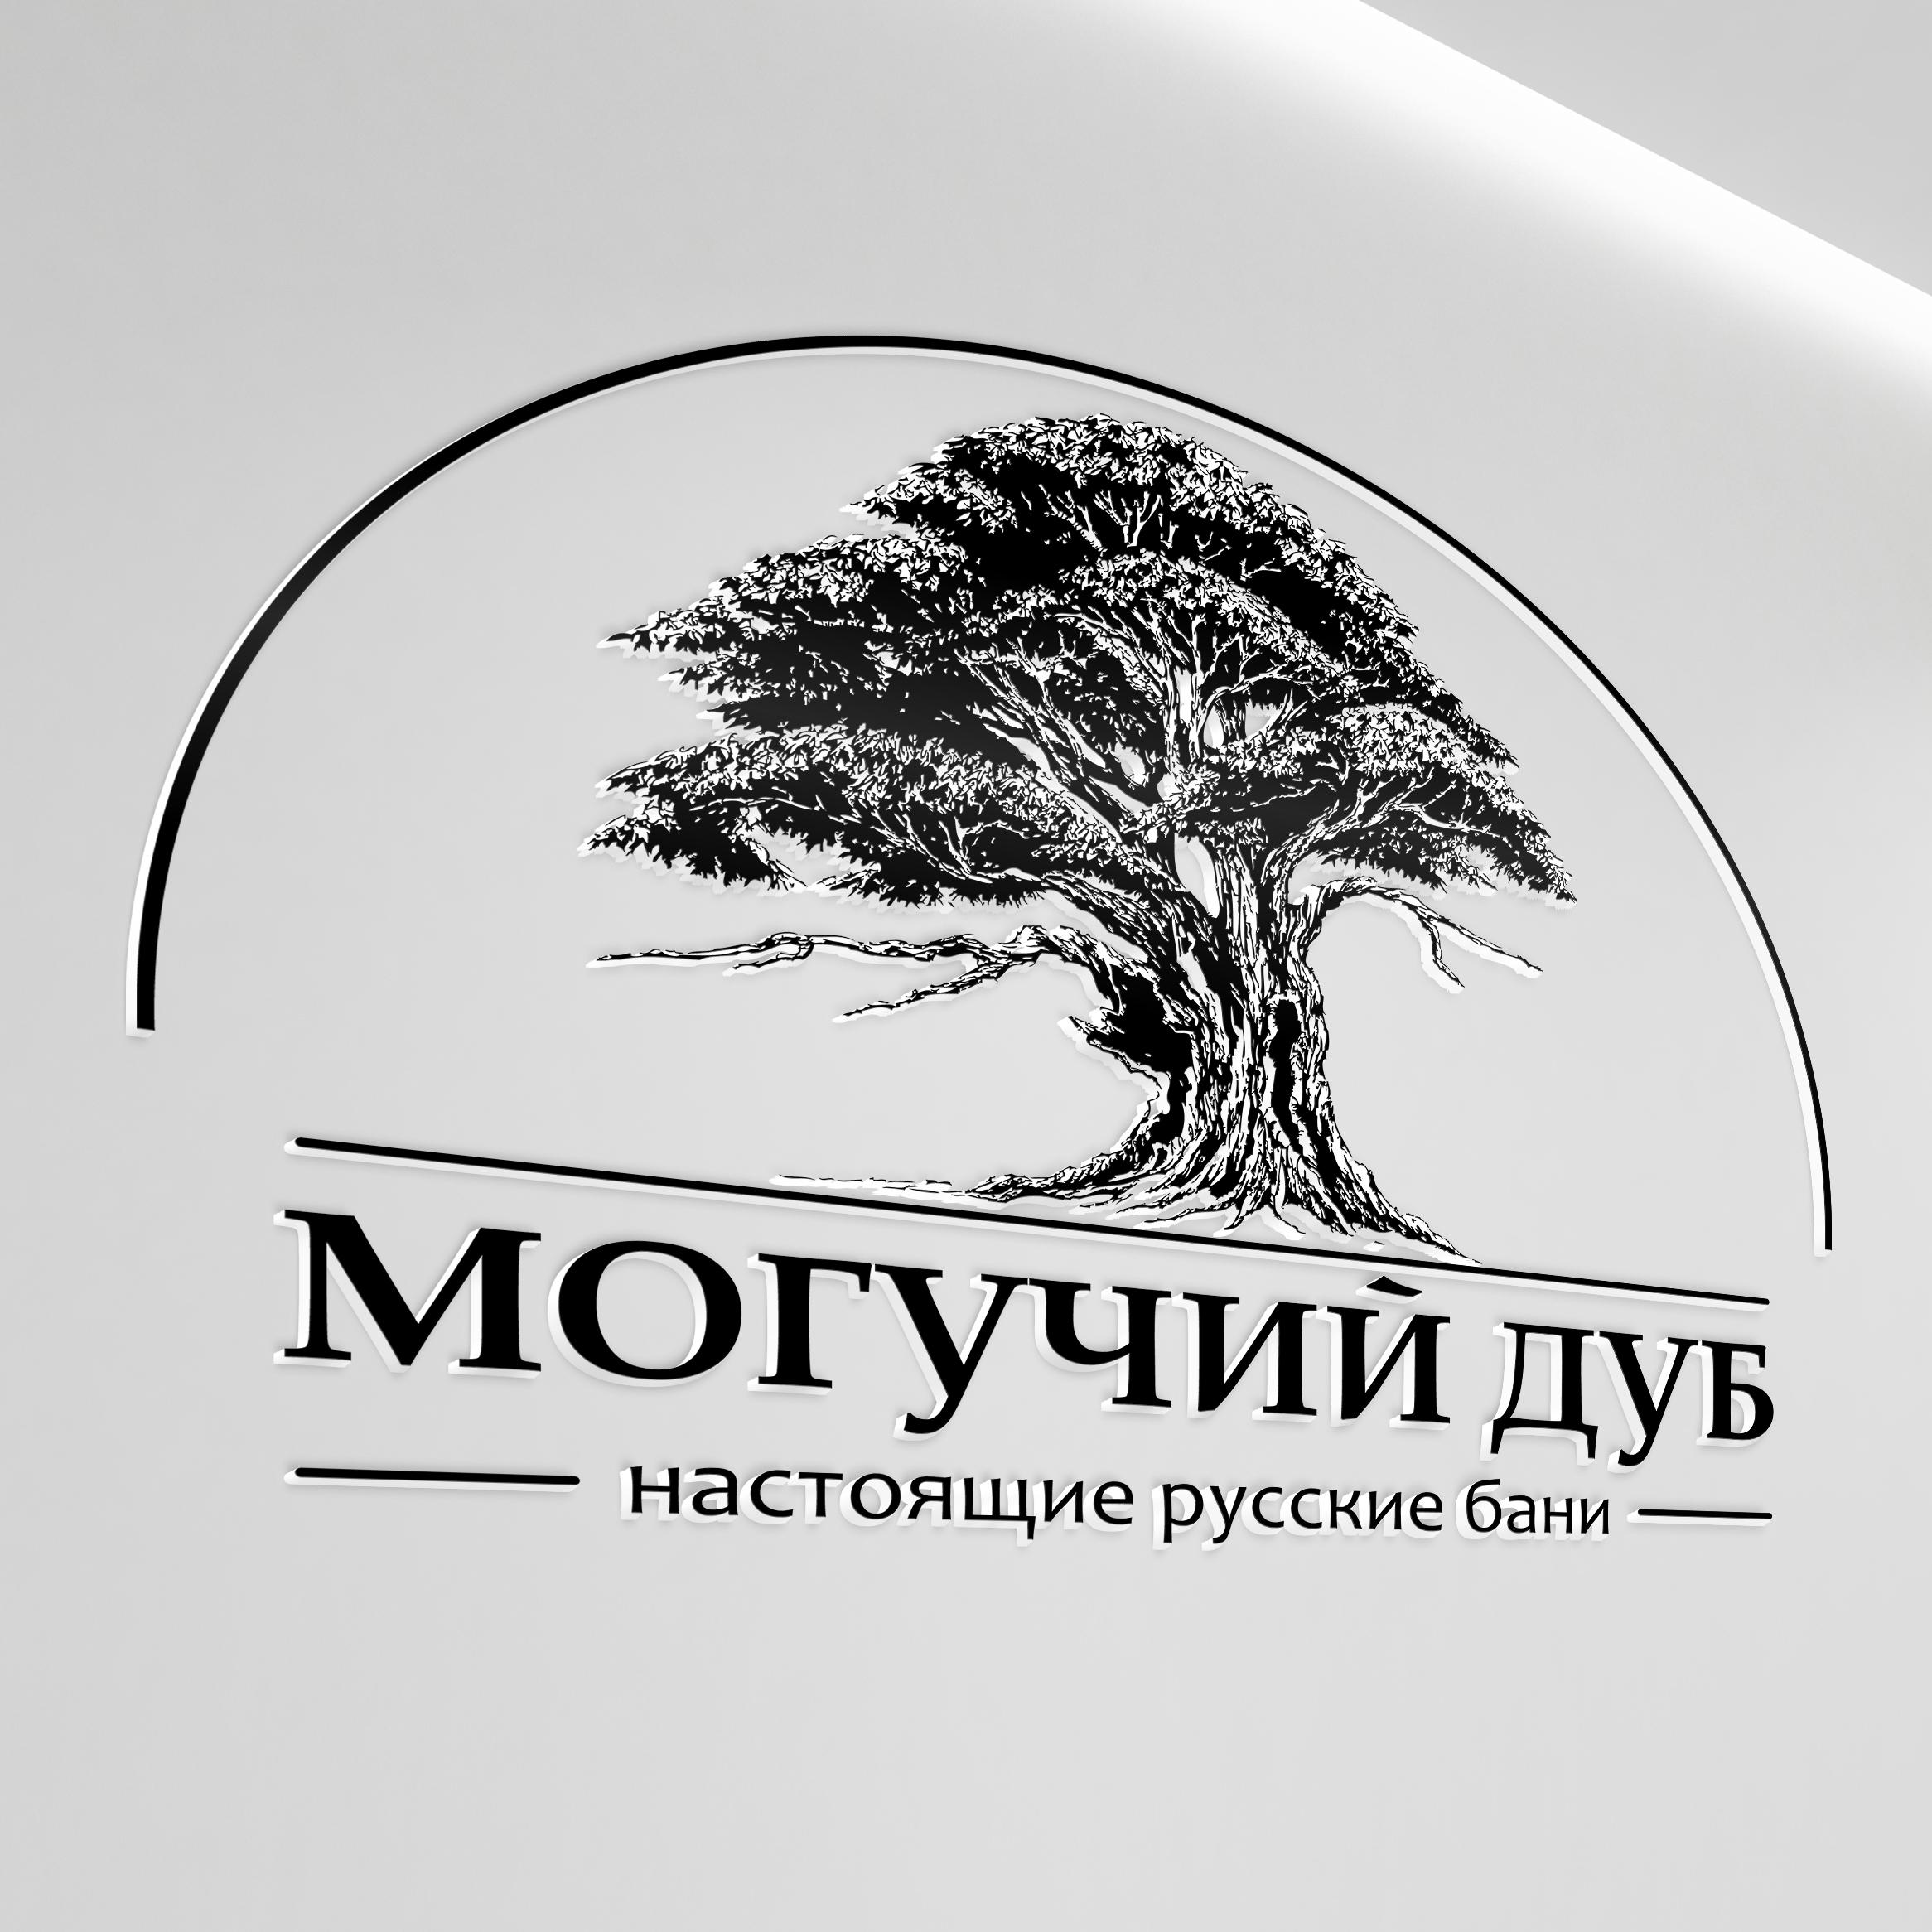 создание логотипа для изготовителя бань и печей